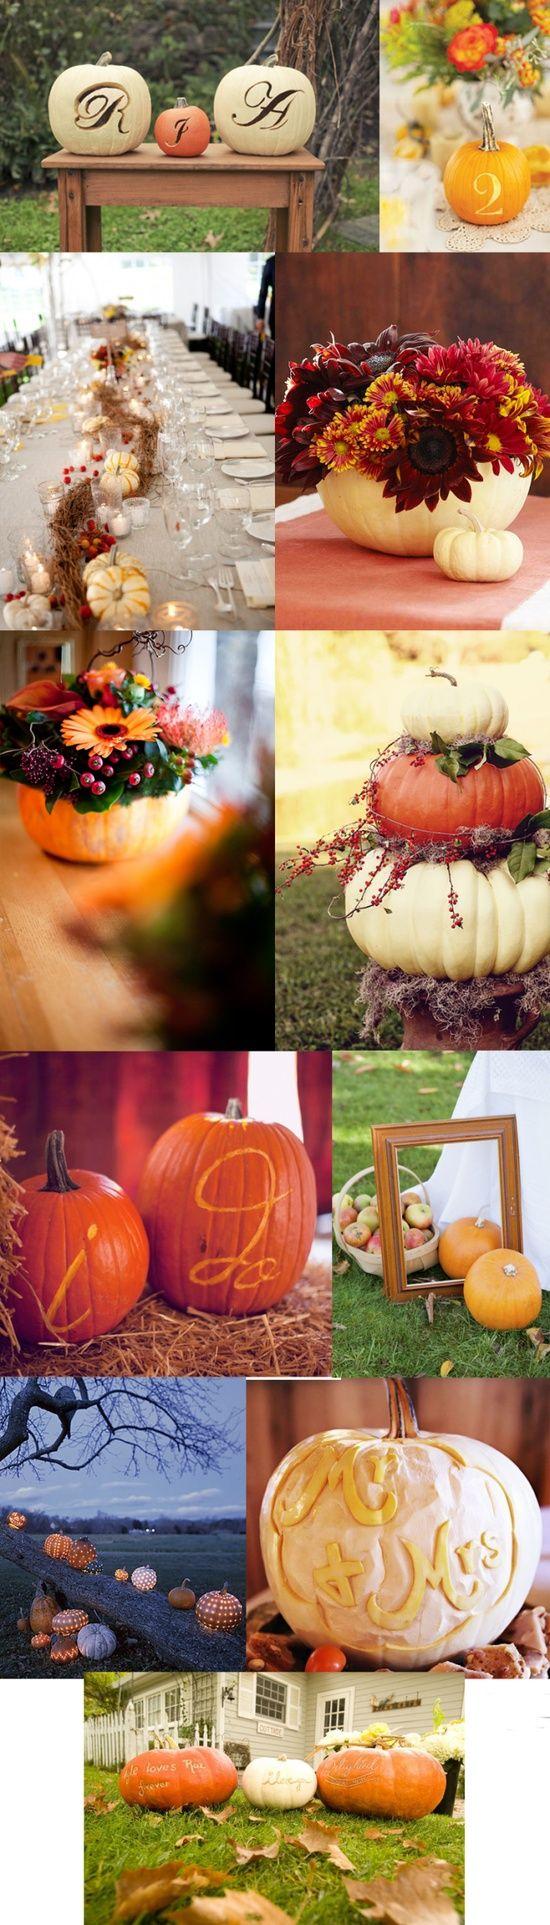 Pumpkins!!                                                                                                                                                     More